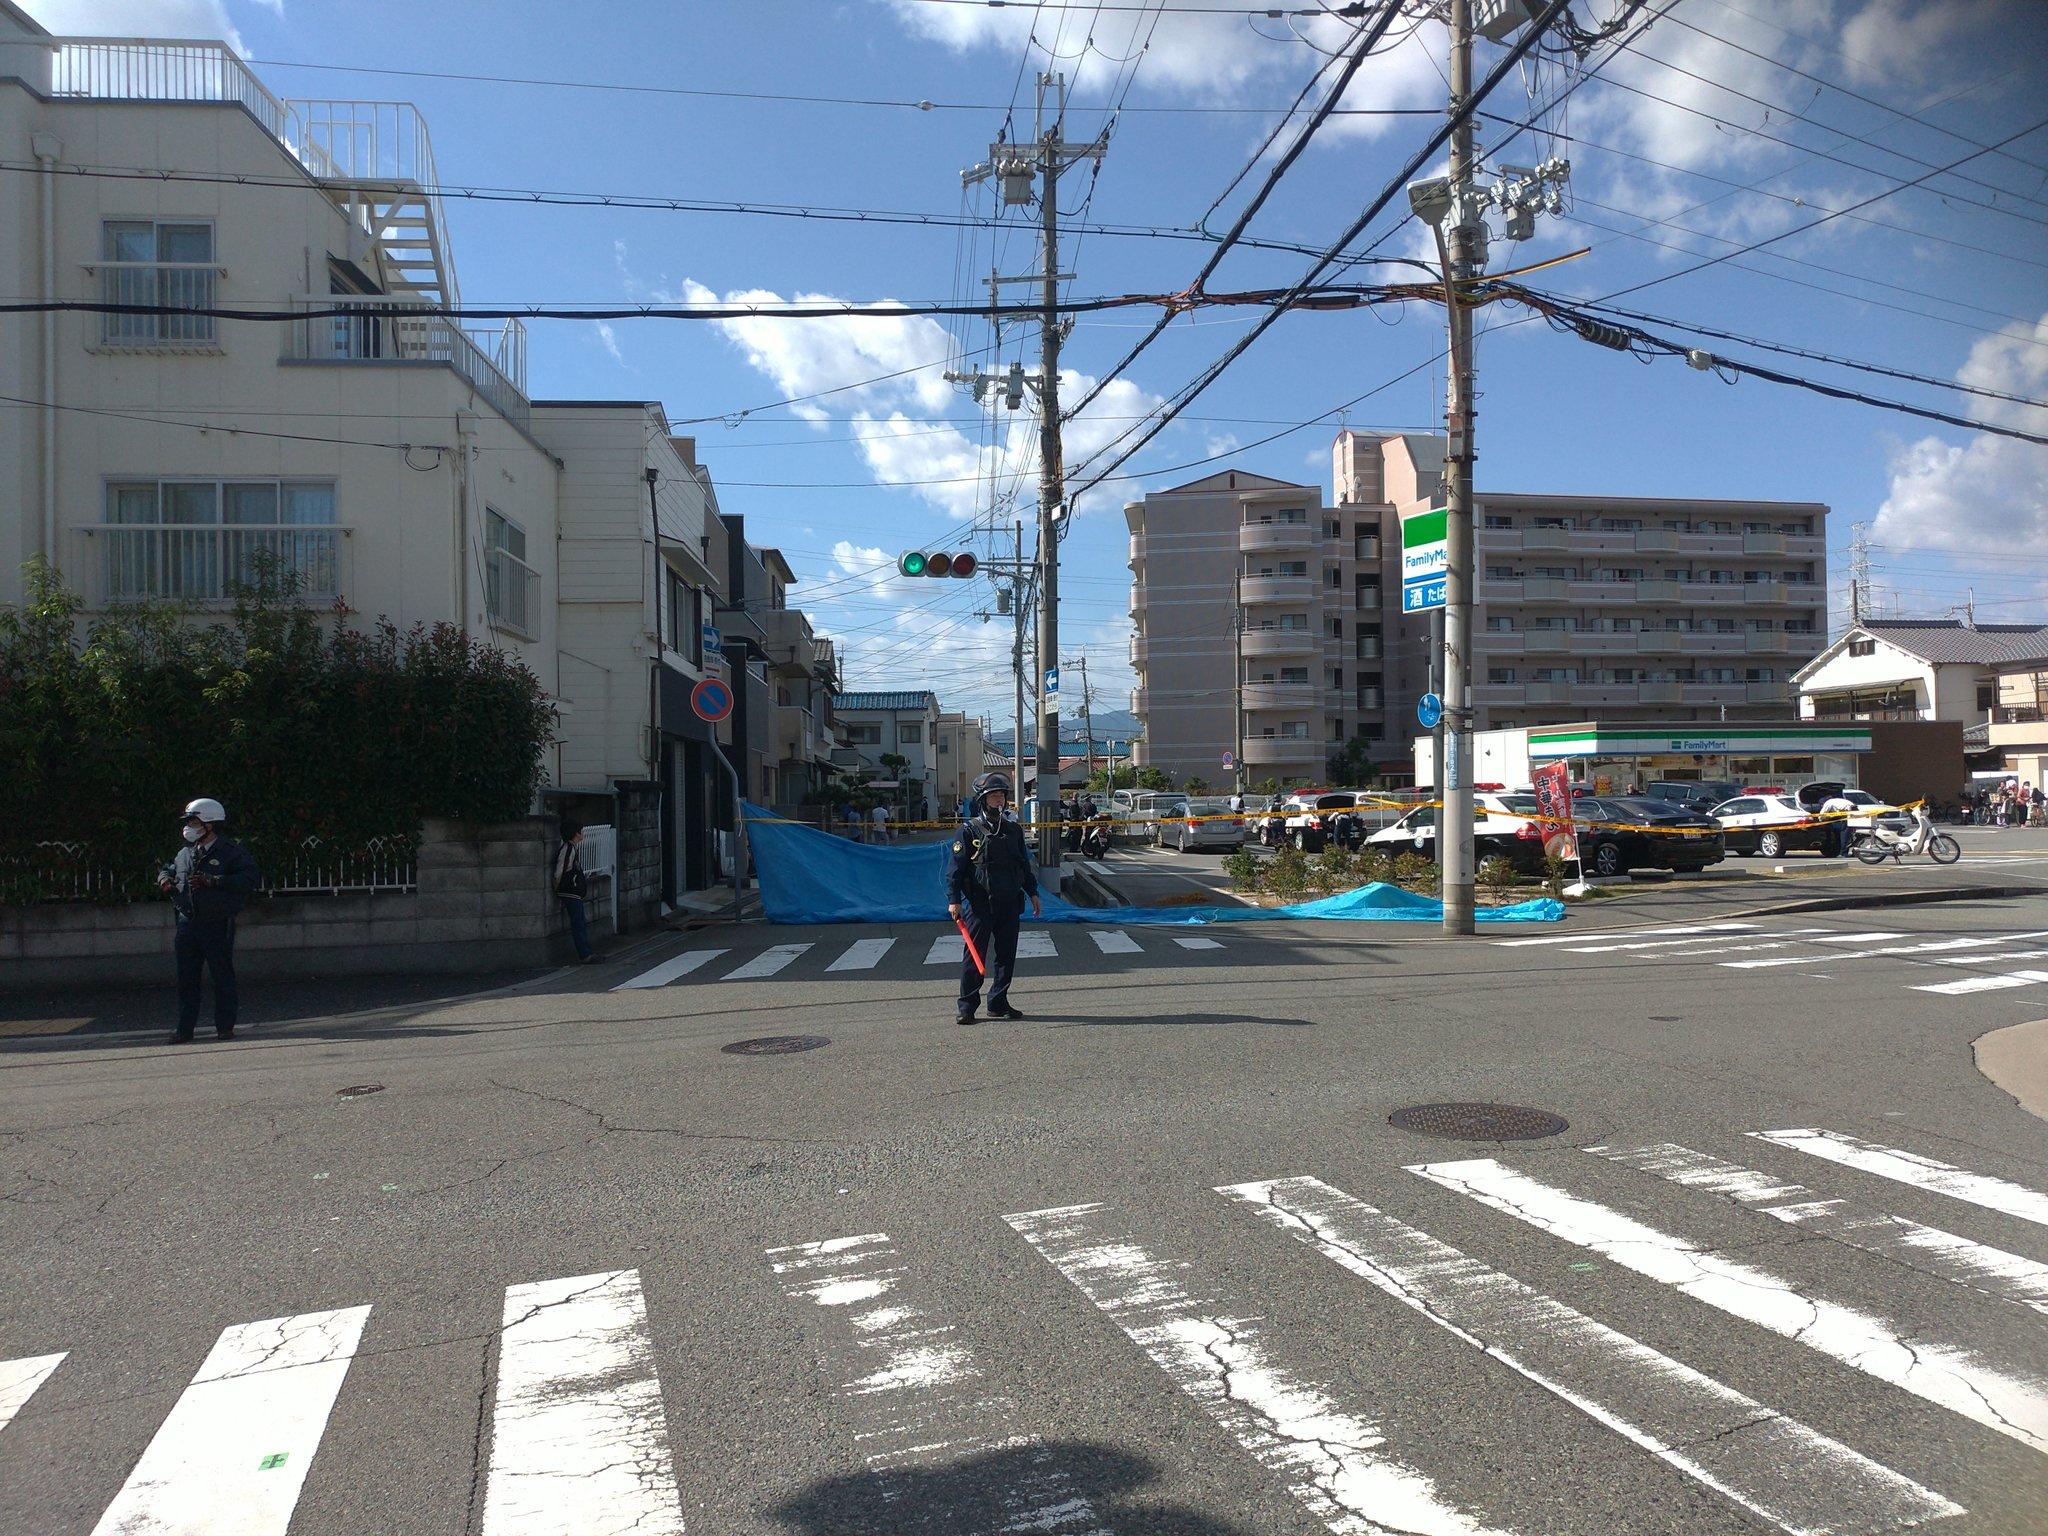 尼崎市稲葉元町の発砲事件の現場の画像